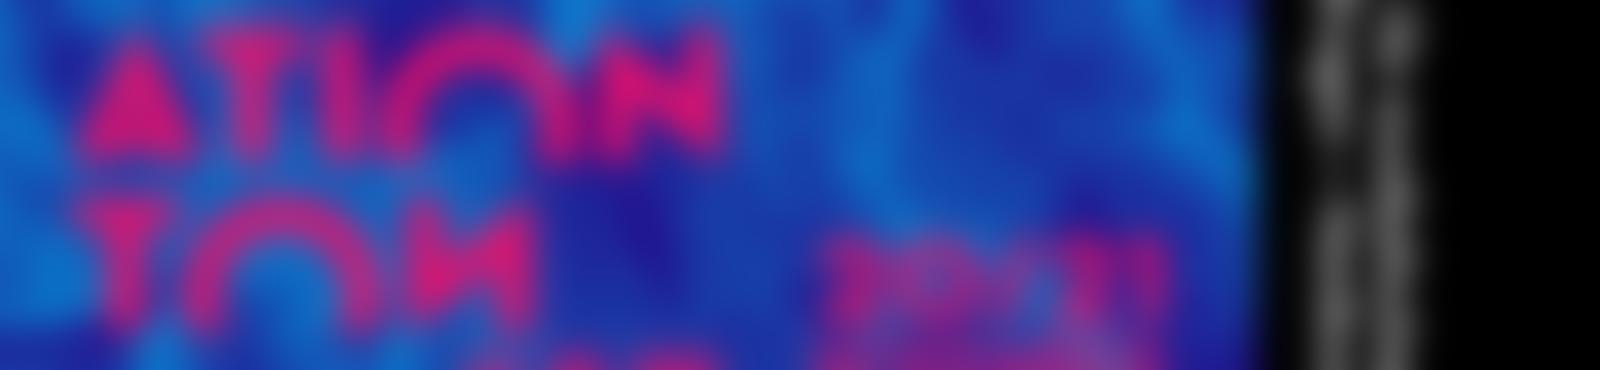 Blurred 0802ae81 350e 44b4 8b9b ed7b47bbfb09